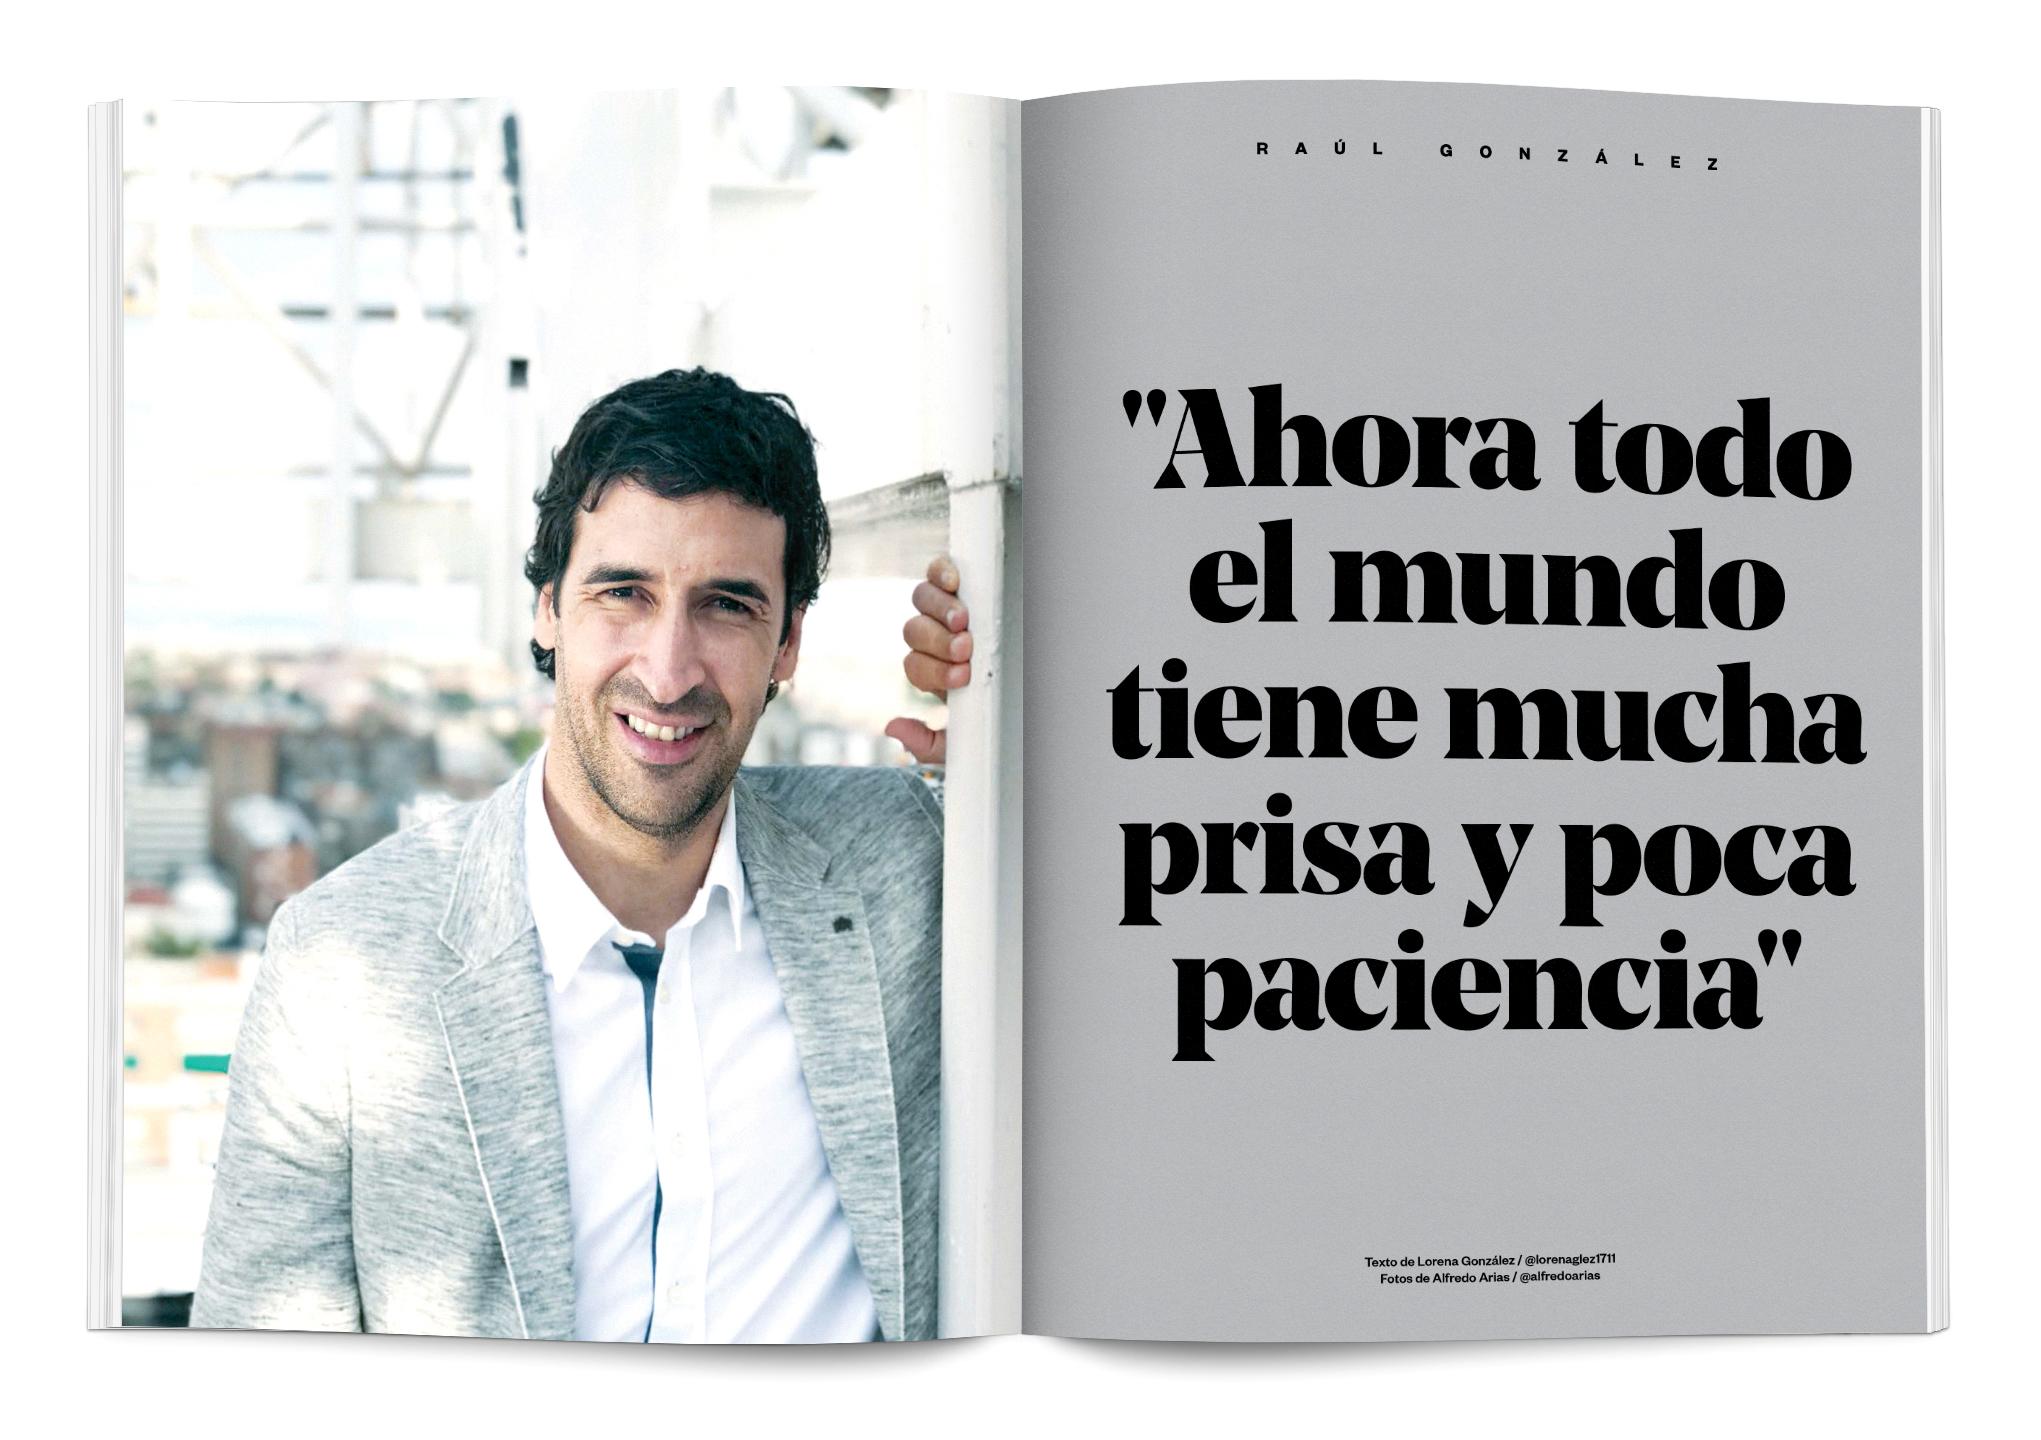 Entrevista Raúl